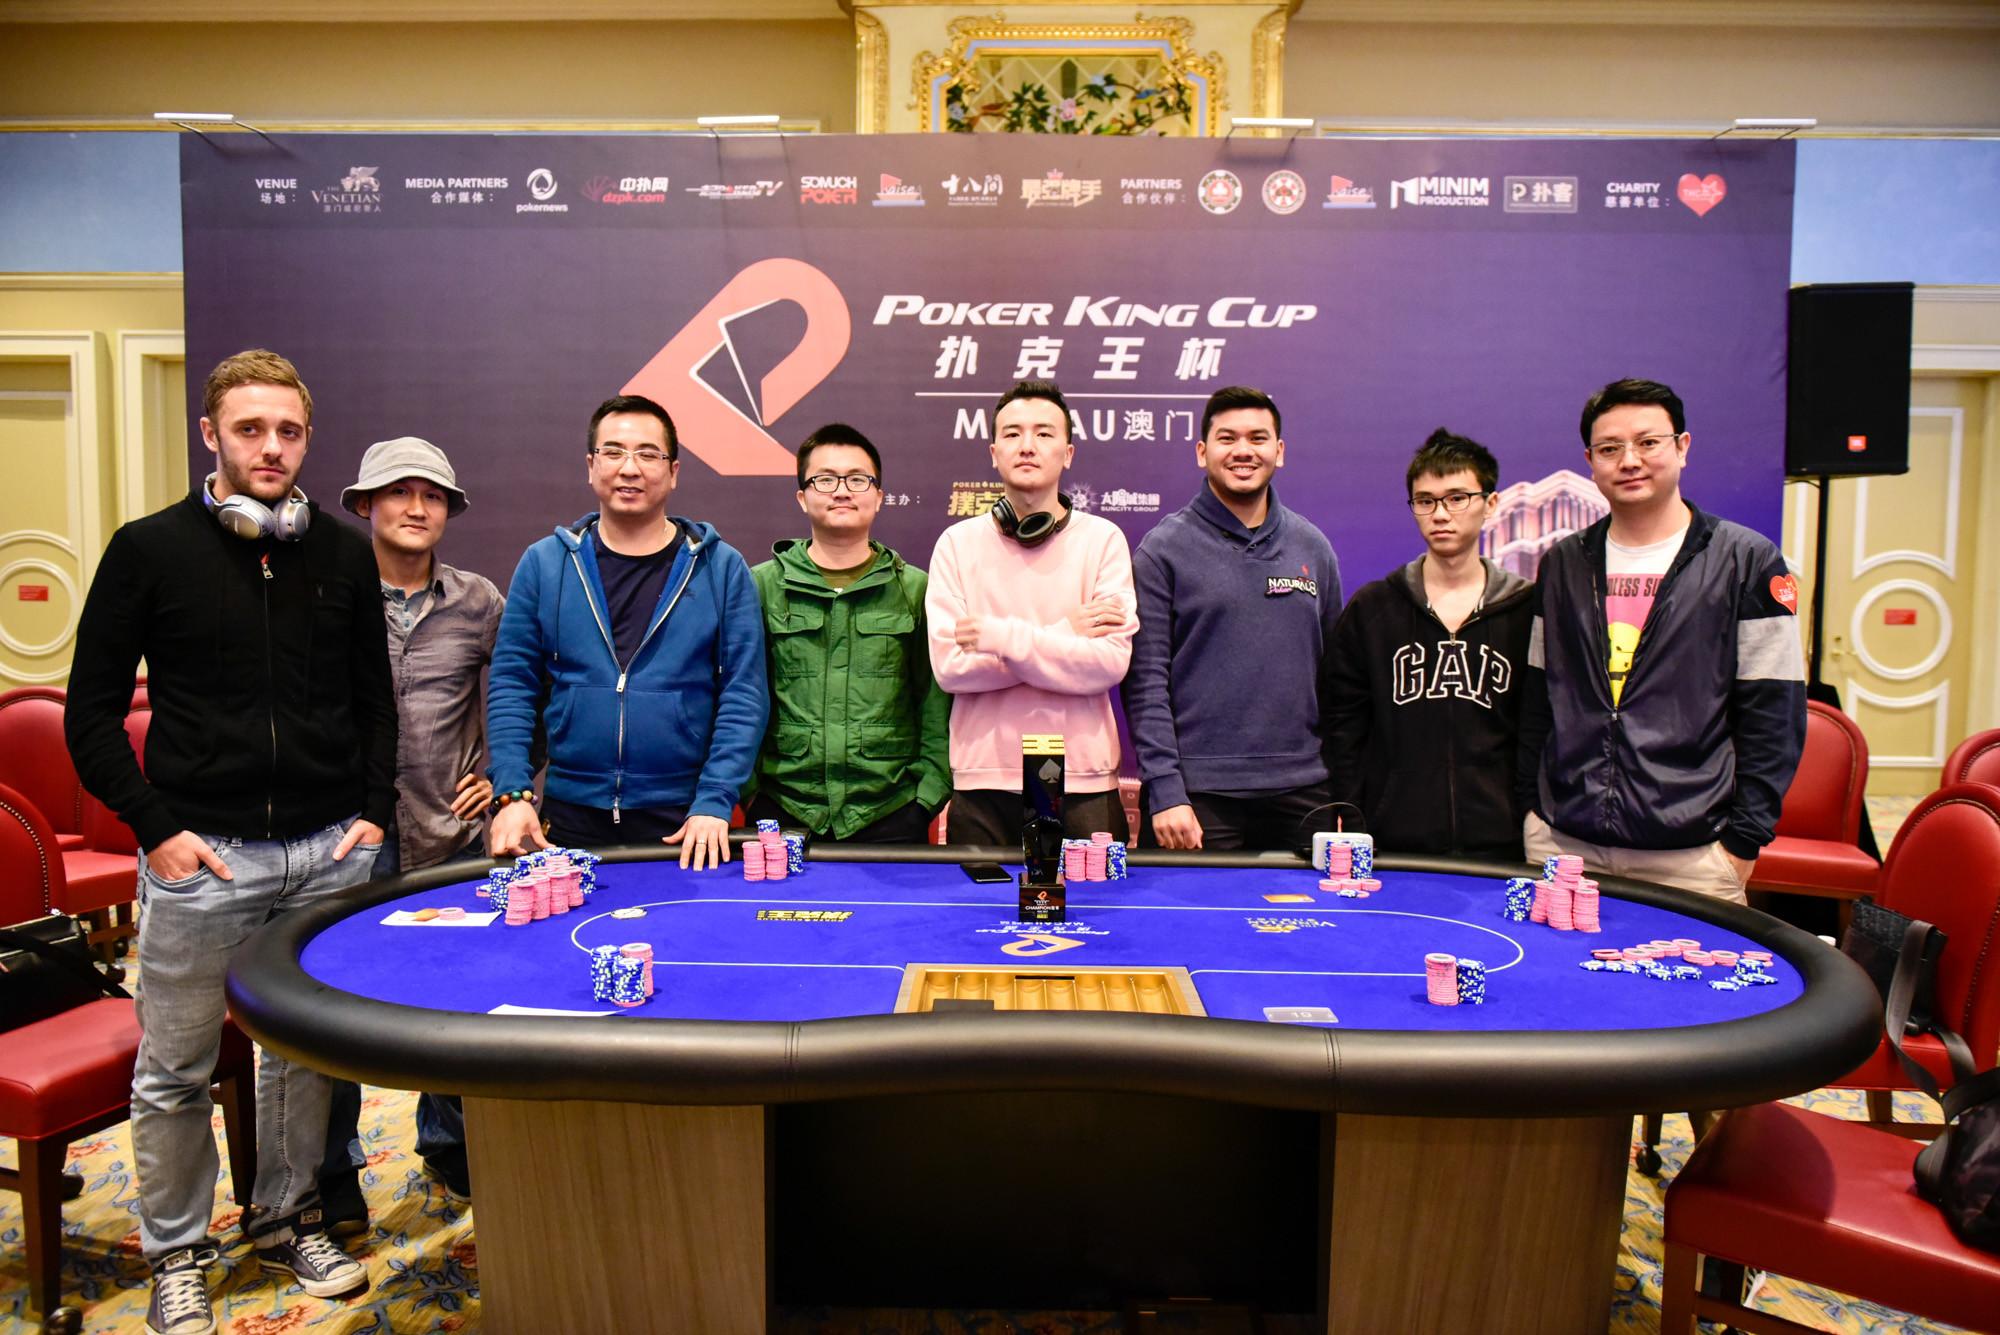 Zhong Yuan Hang Leads Final Table of Poker King Cup Macau 101